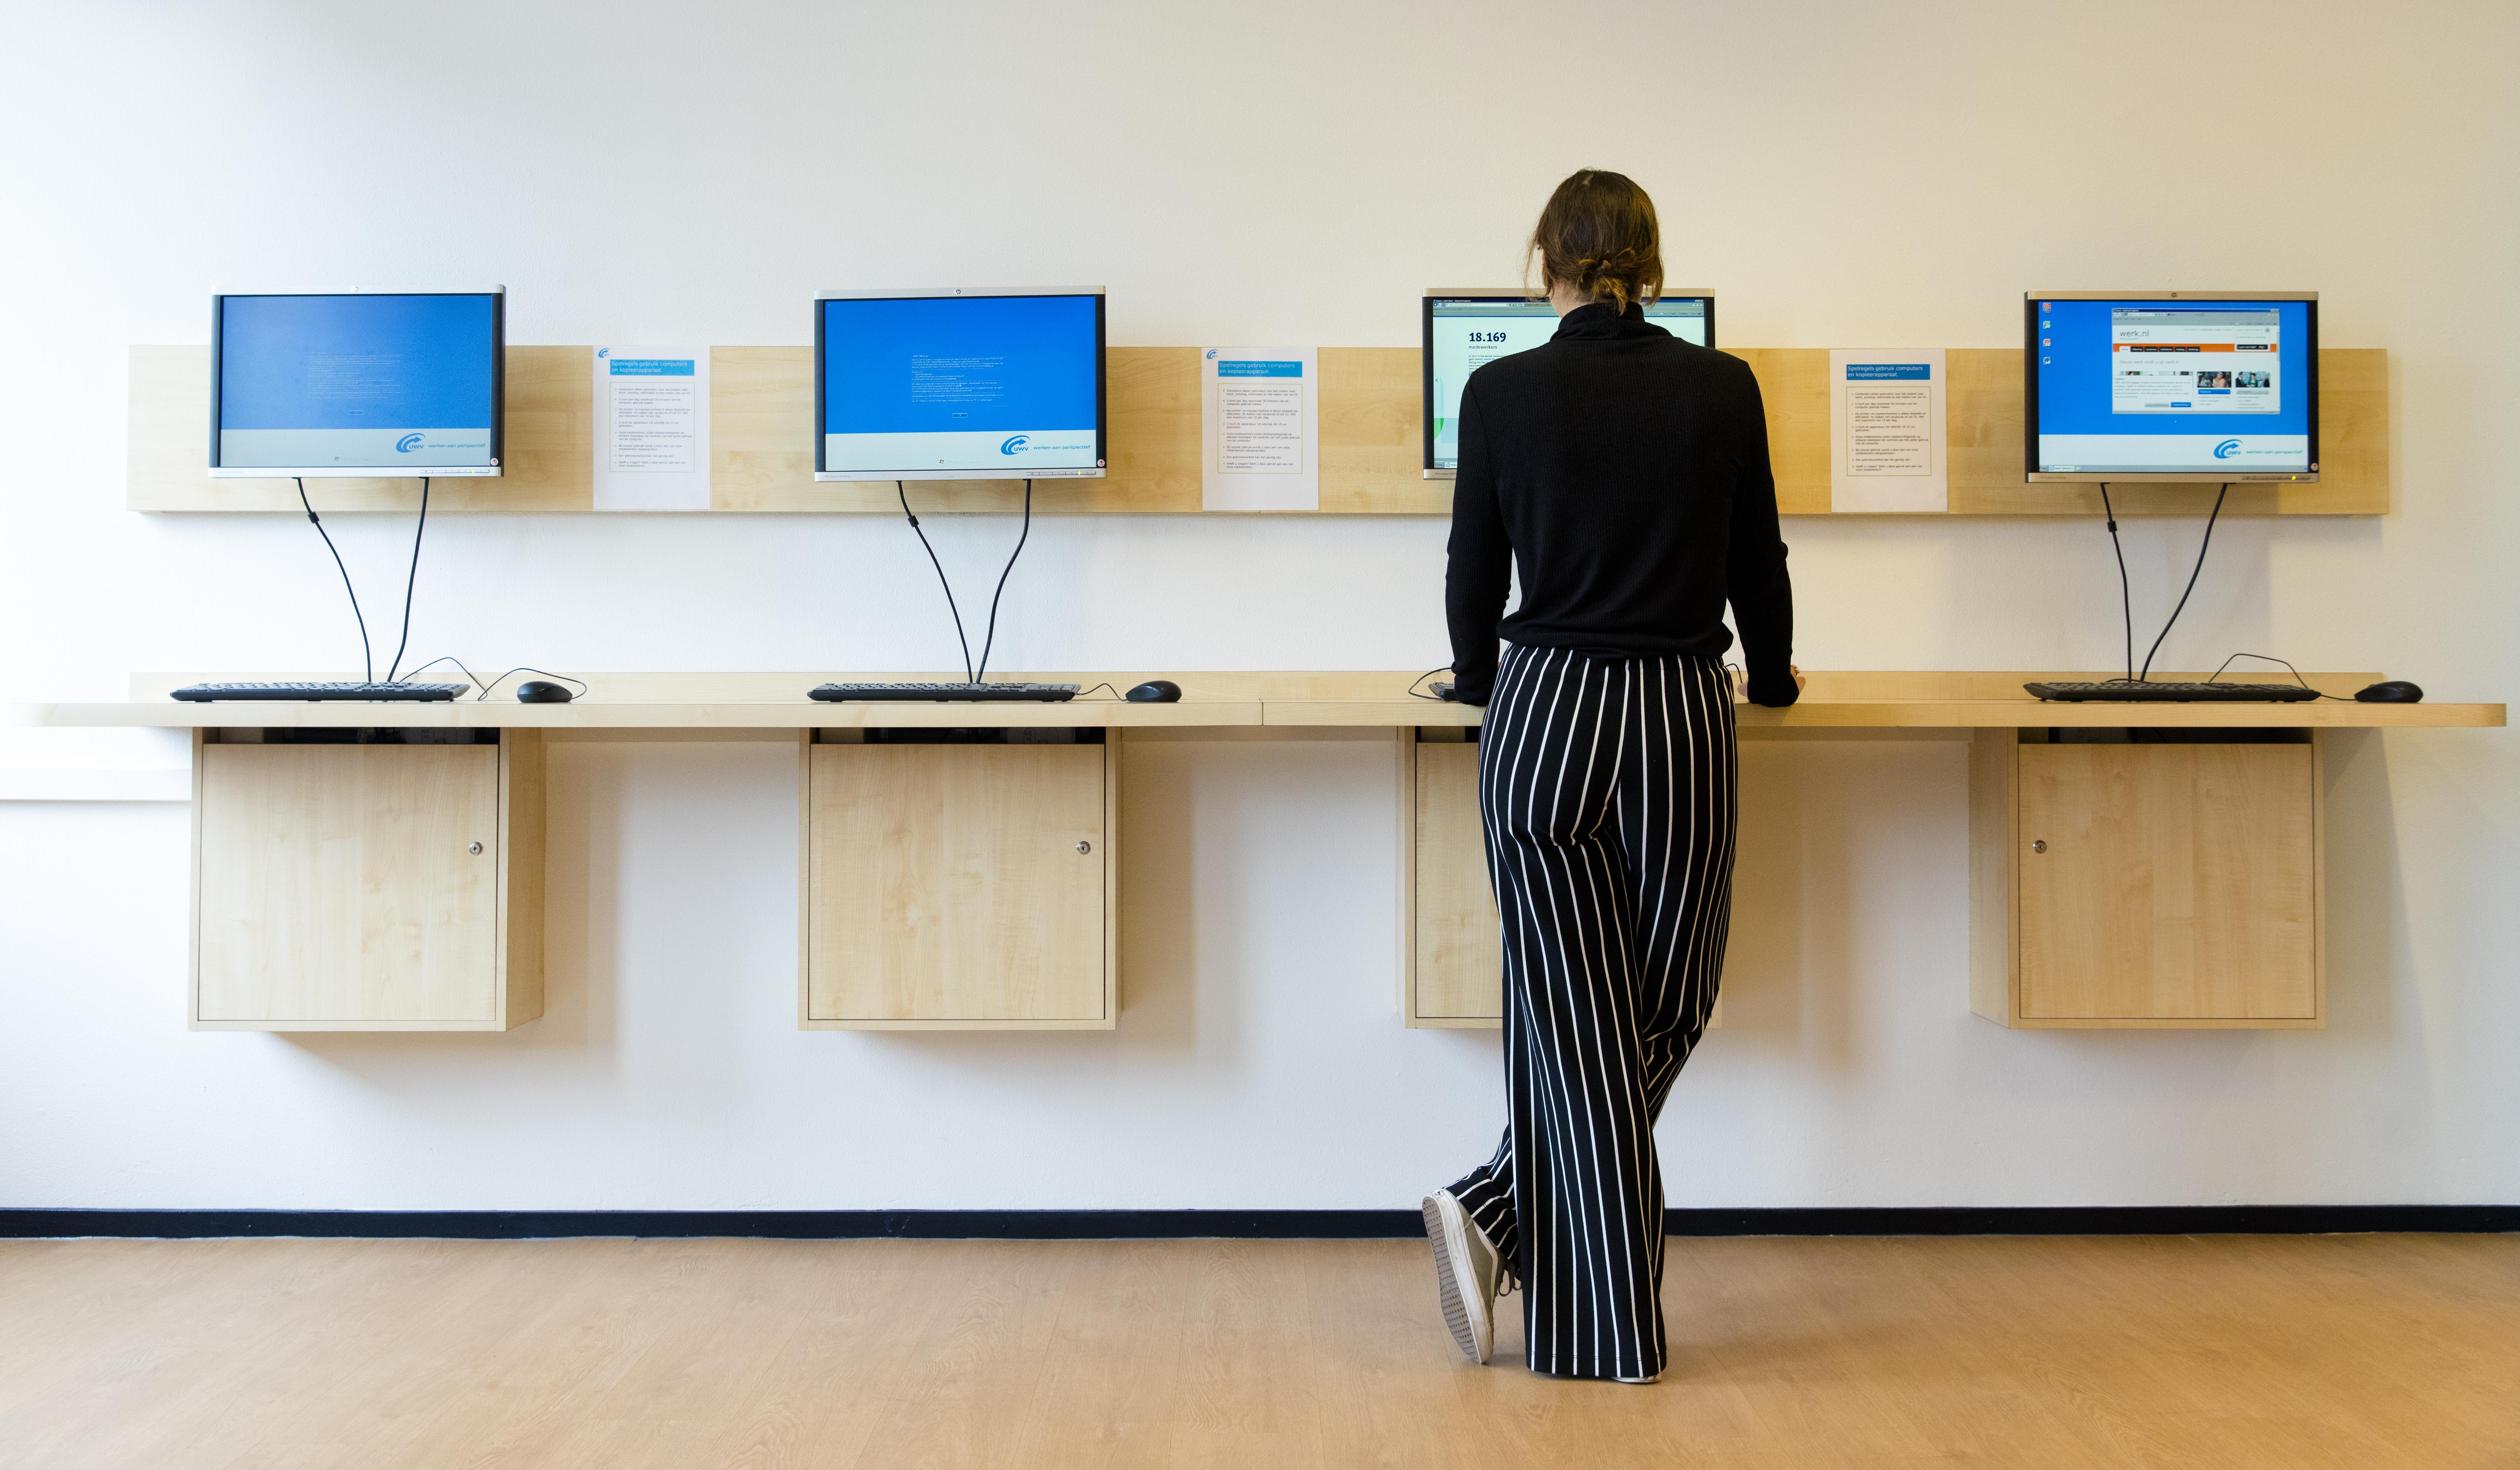 Aantal inwoners van West-Friesland dat in de bijstand zit, stijgt licht